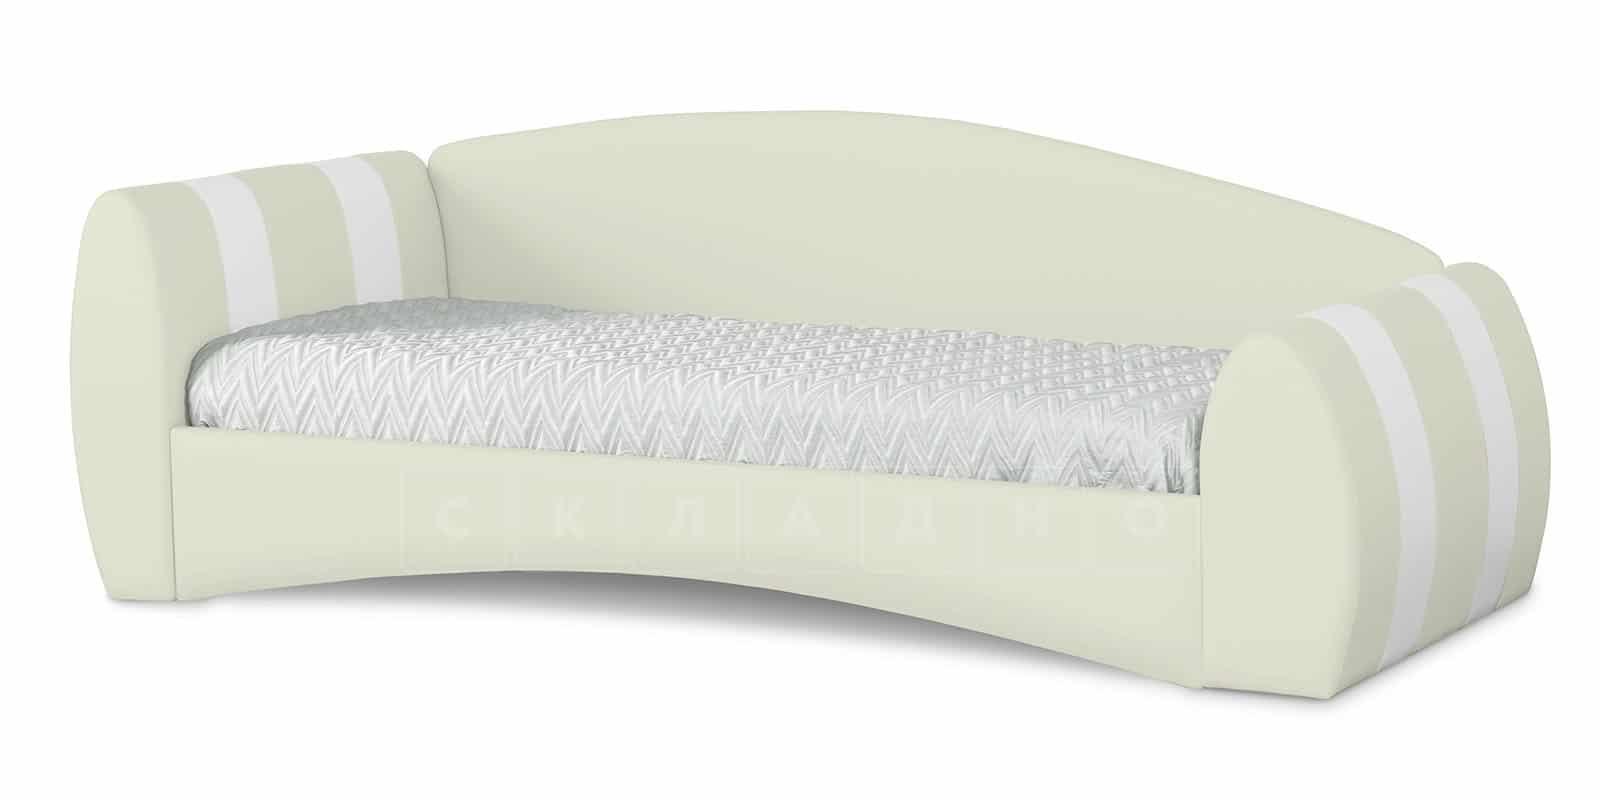 Мягкая кровать Монако 90х190см молочного цвета левая фото 1 | интернет-магазин Складно